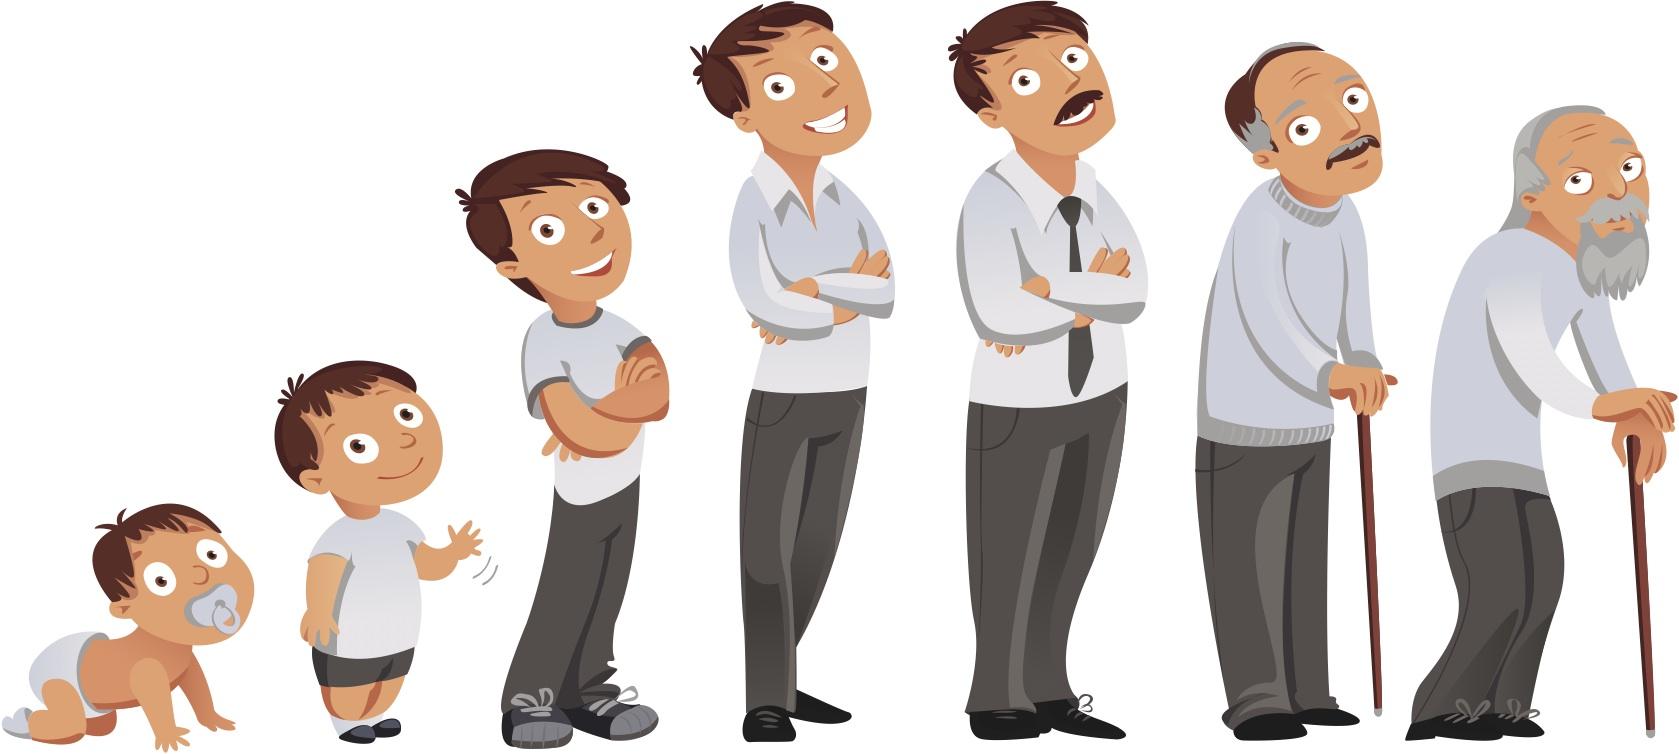 Статистика педиатрии выделила несколько категорий возрастов, в которых определенные проблемы, связанные с гипергидрозом, диагностируют чаще всего.